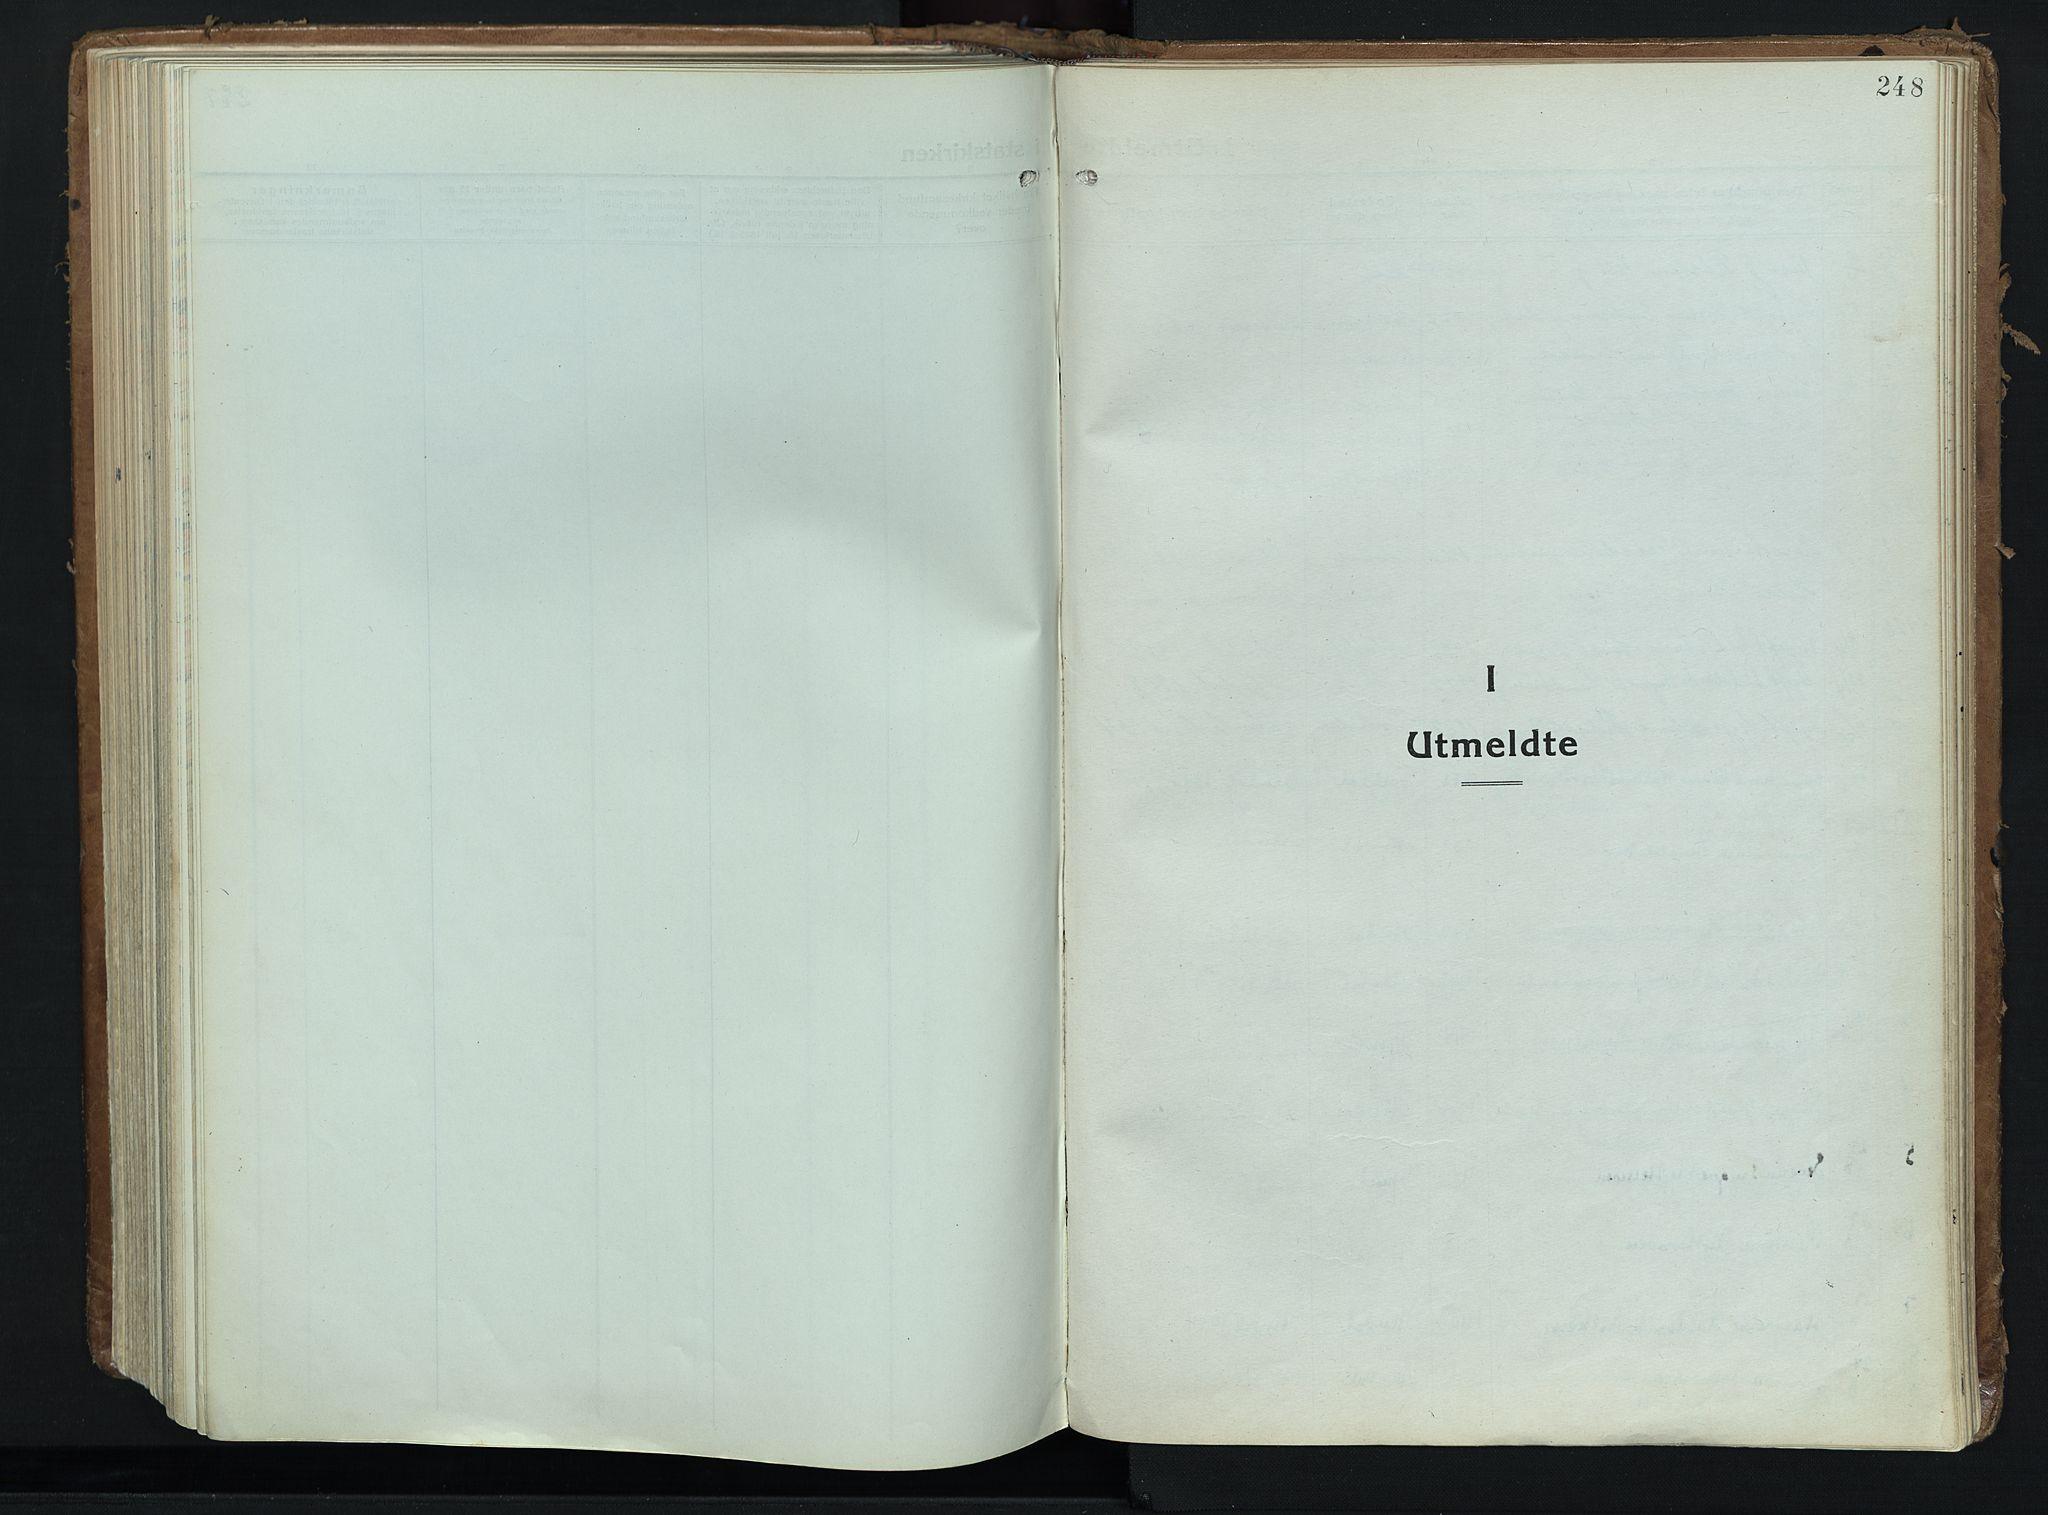 SAH, Alvdal prestekontor, Ministerialbok nr. 6, 1920-1937, s. 248